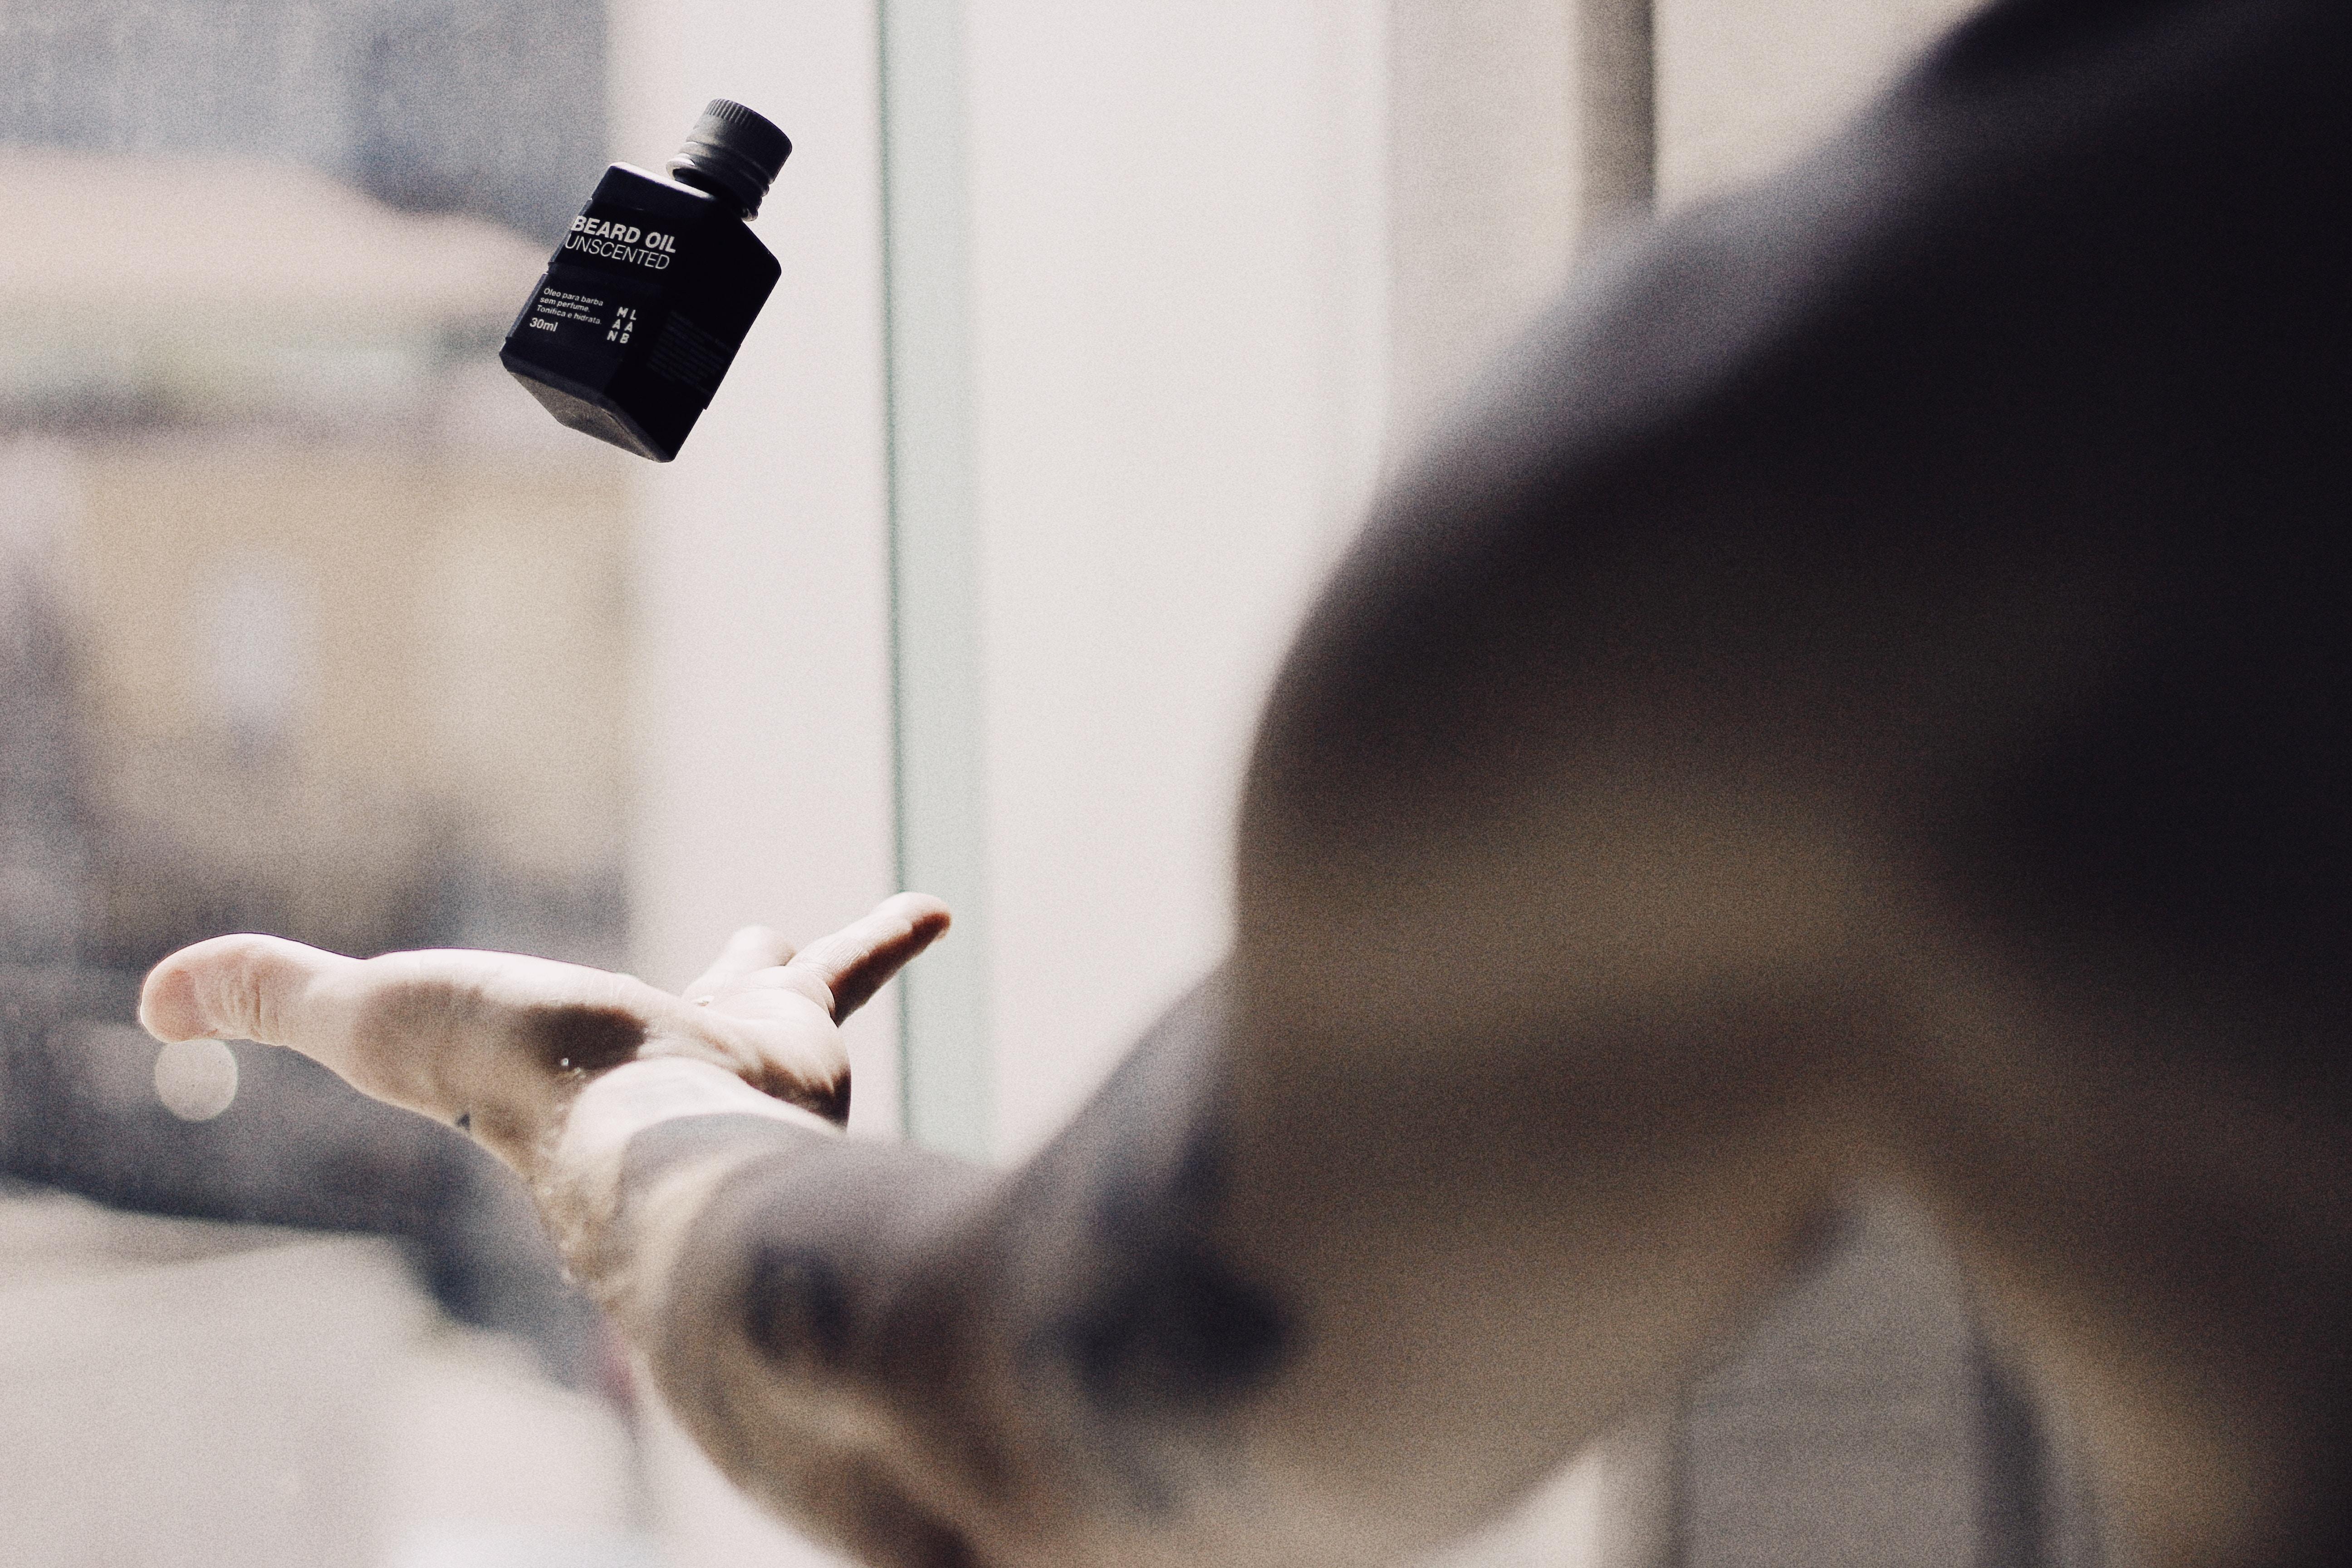 【香水メンズ】女性ウケ抜群な『とても甘い香りのメンズ香水』18選